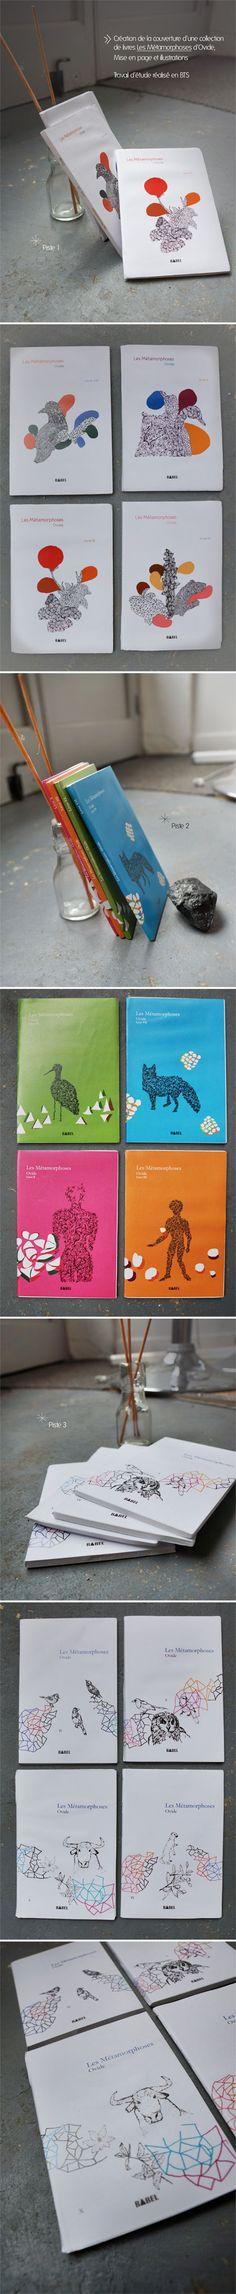 Illustrations et mise en page des couvertures d'une collections de livres Les Métamorphoses d'Ovide - projet d'études @Audrey Meisser